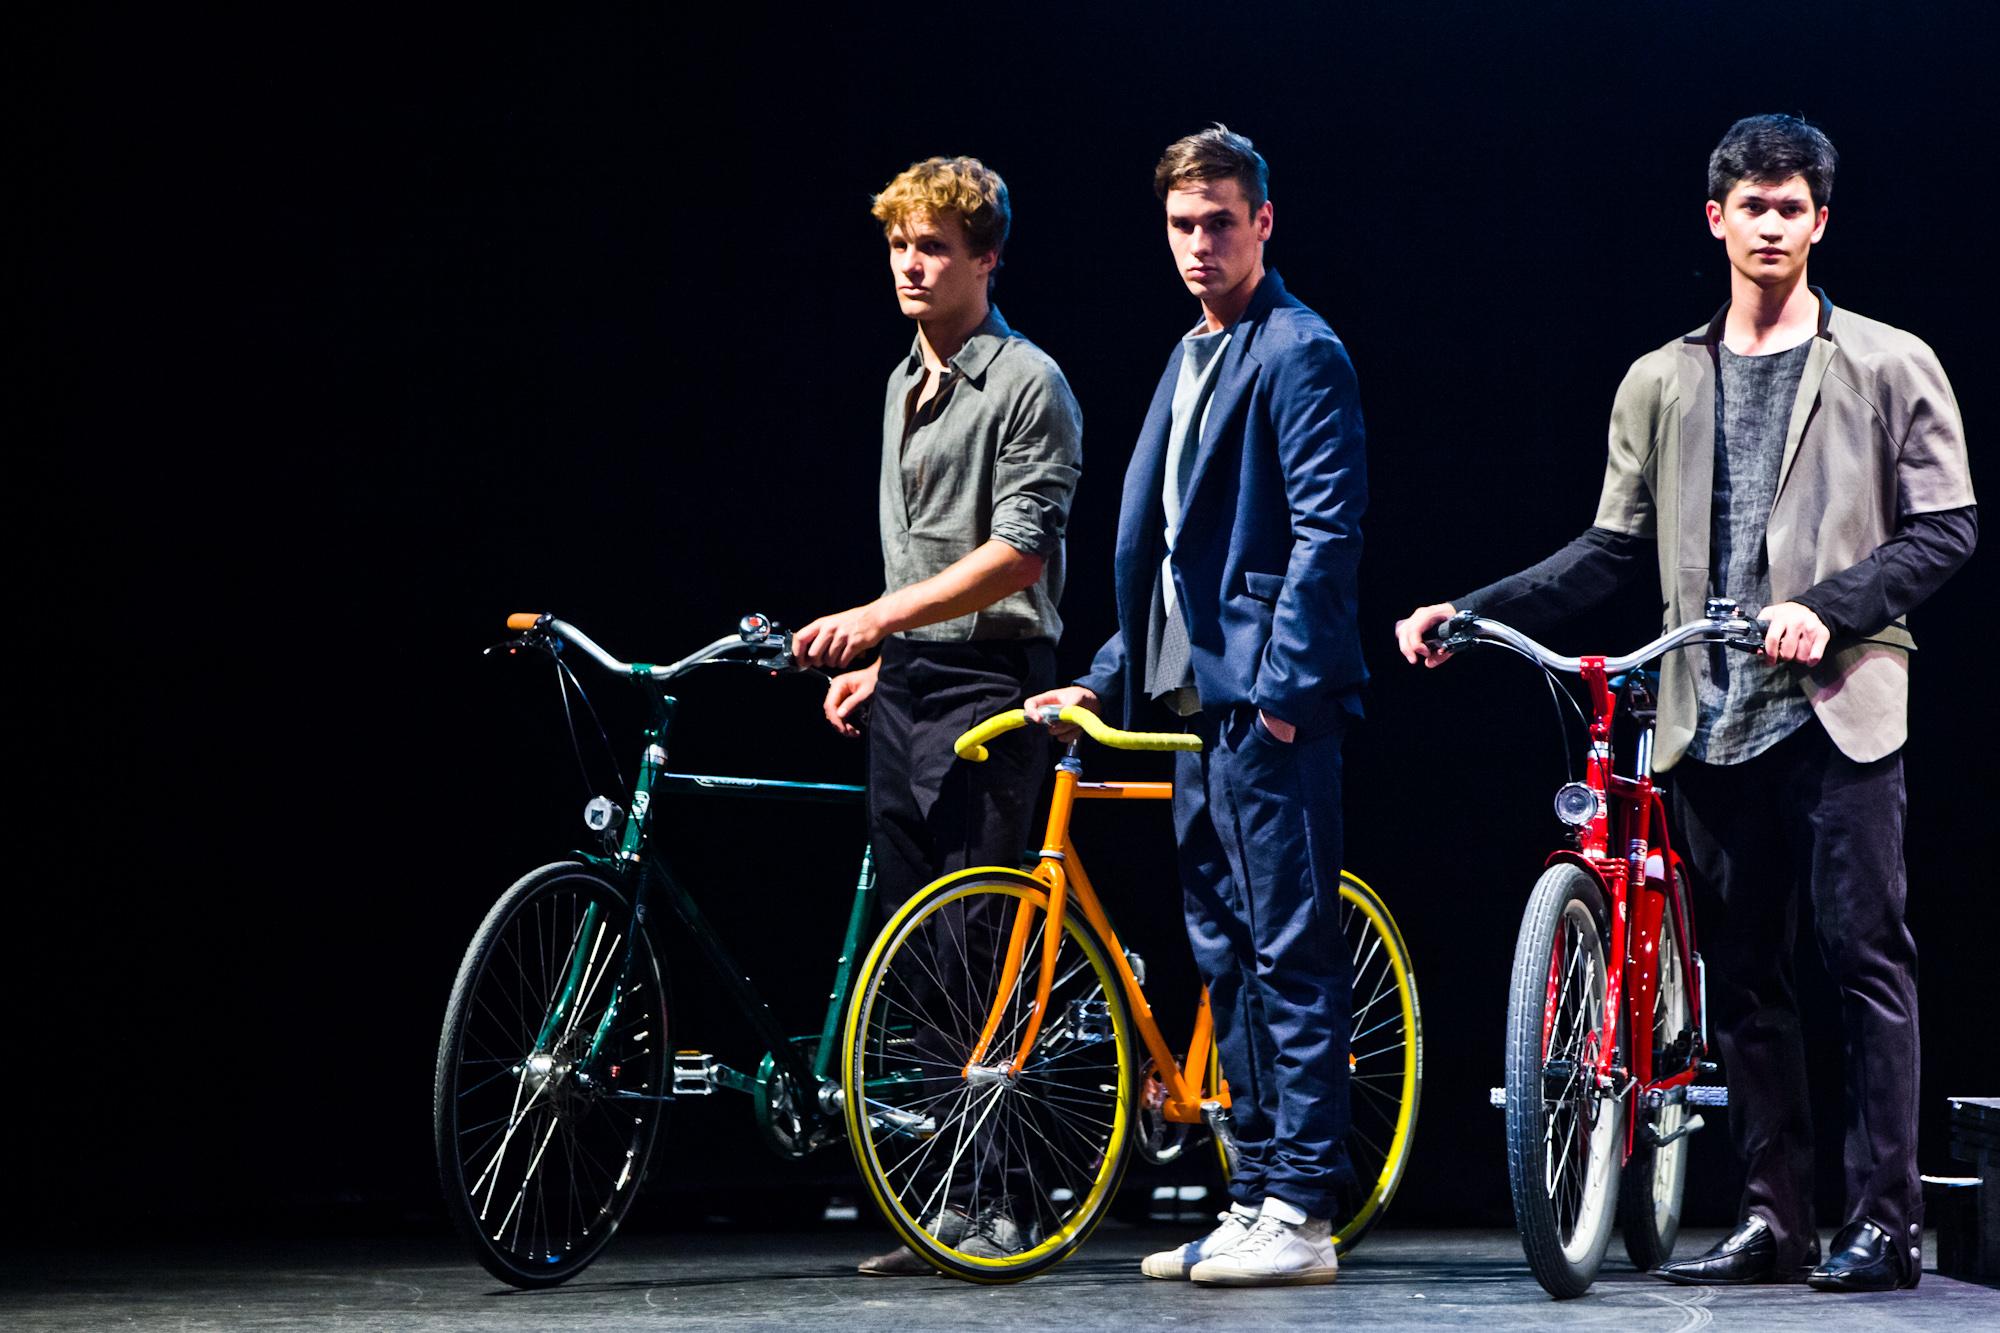 Radlhauptstadt München – Stilsicheres Fahrradfahren in München